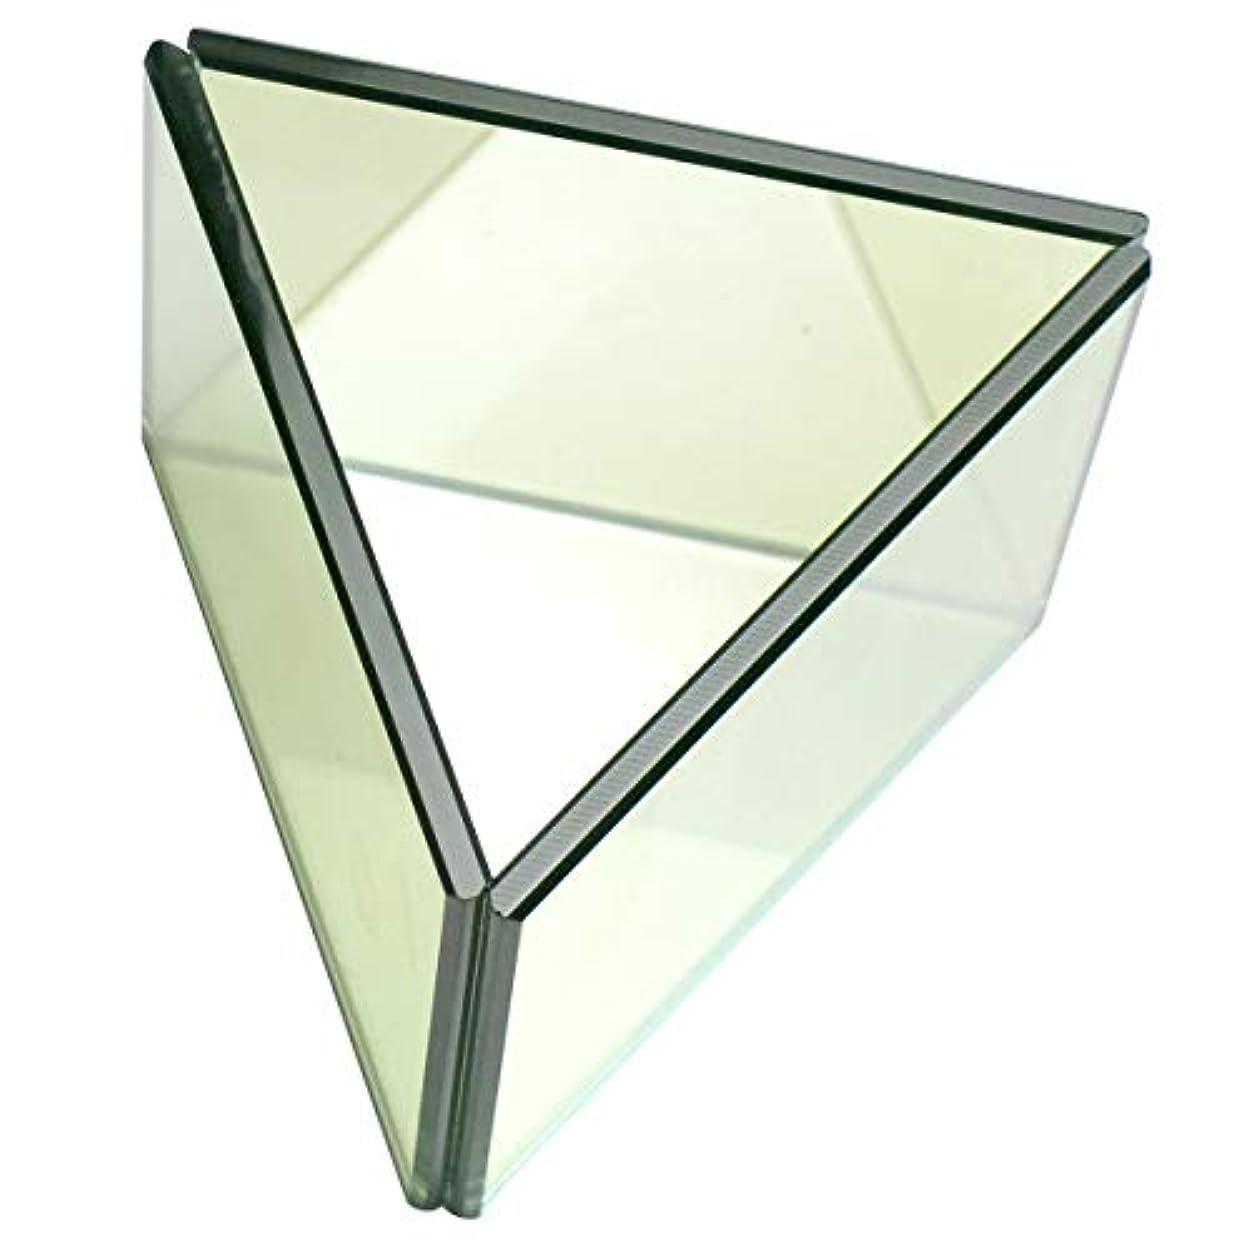 直接開示する化学無限連鎖キャンドルホルダー トライアングル ガラス キャンドルスタンド ランタン 誕生日 ティーライトキャンドル